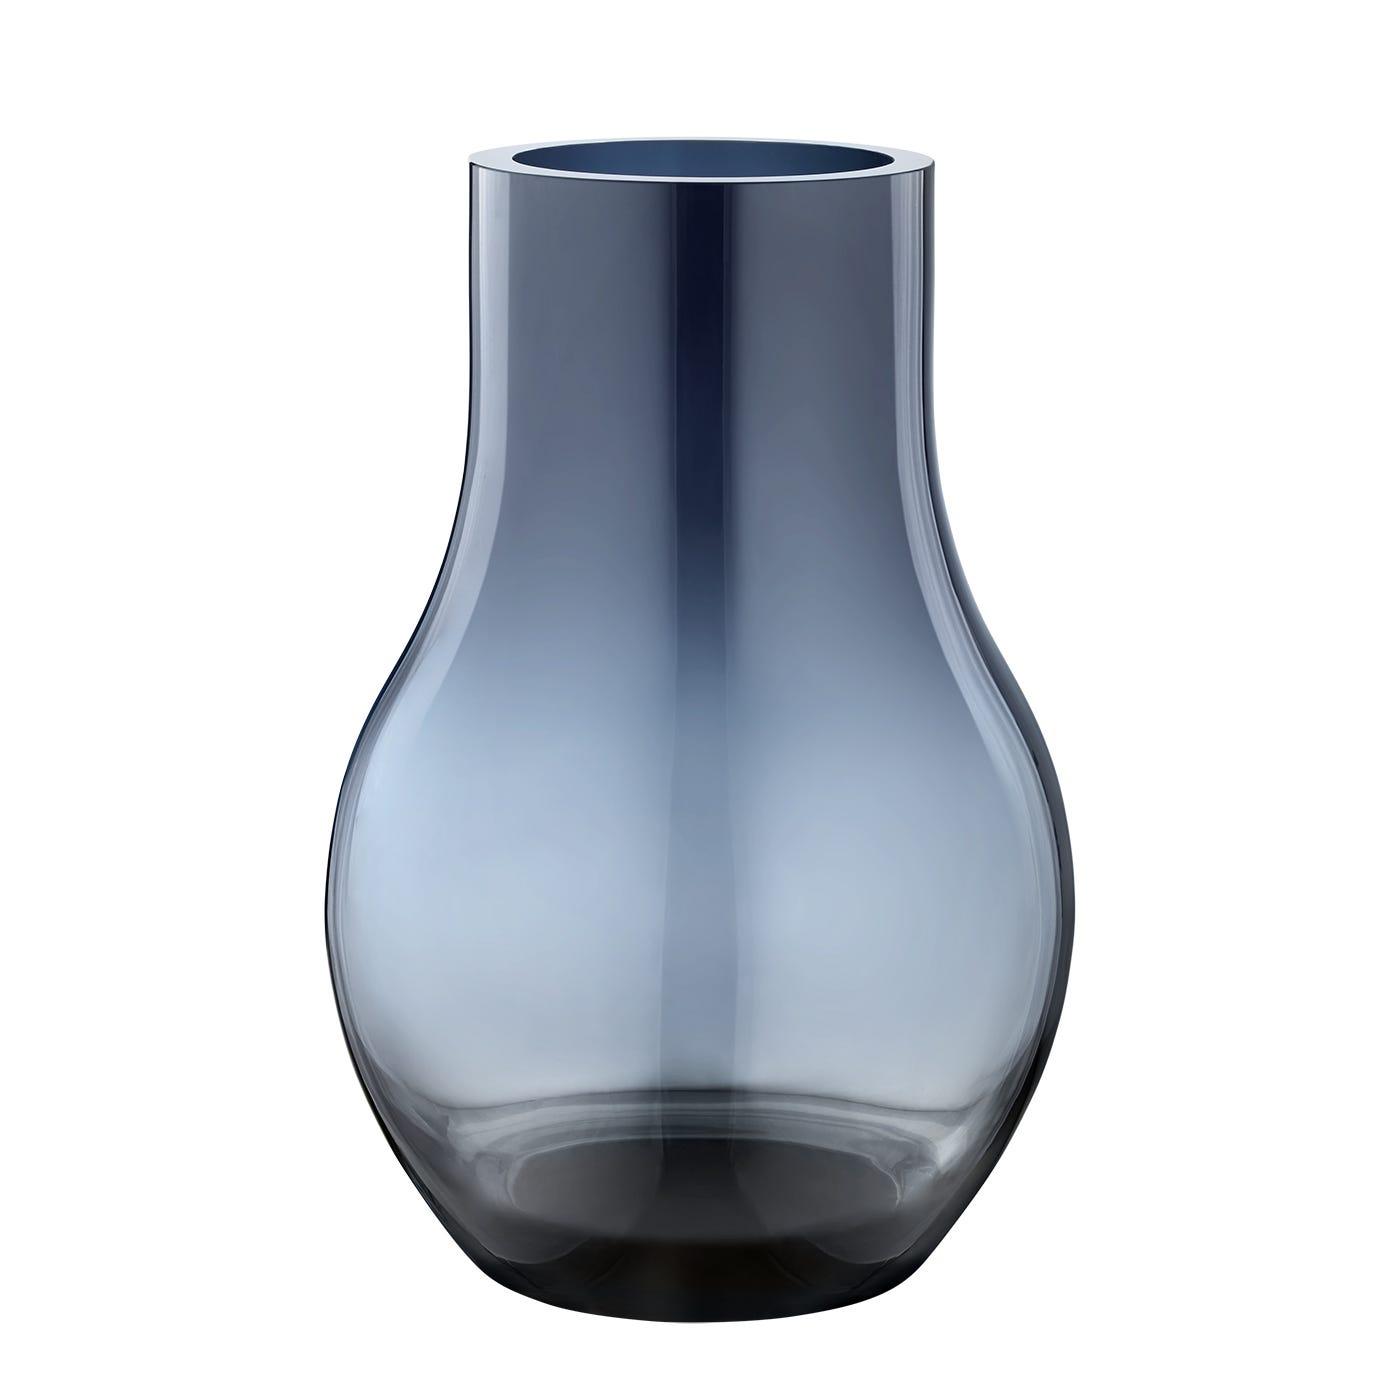 Cafu Vase Blue Medium